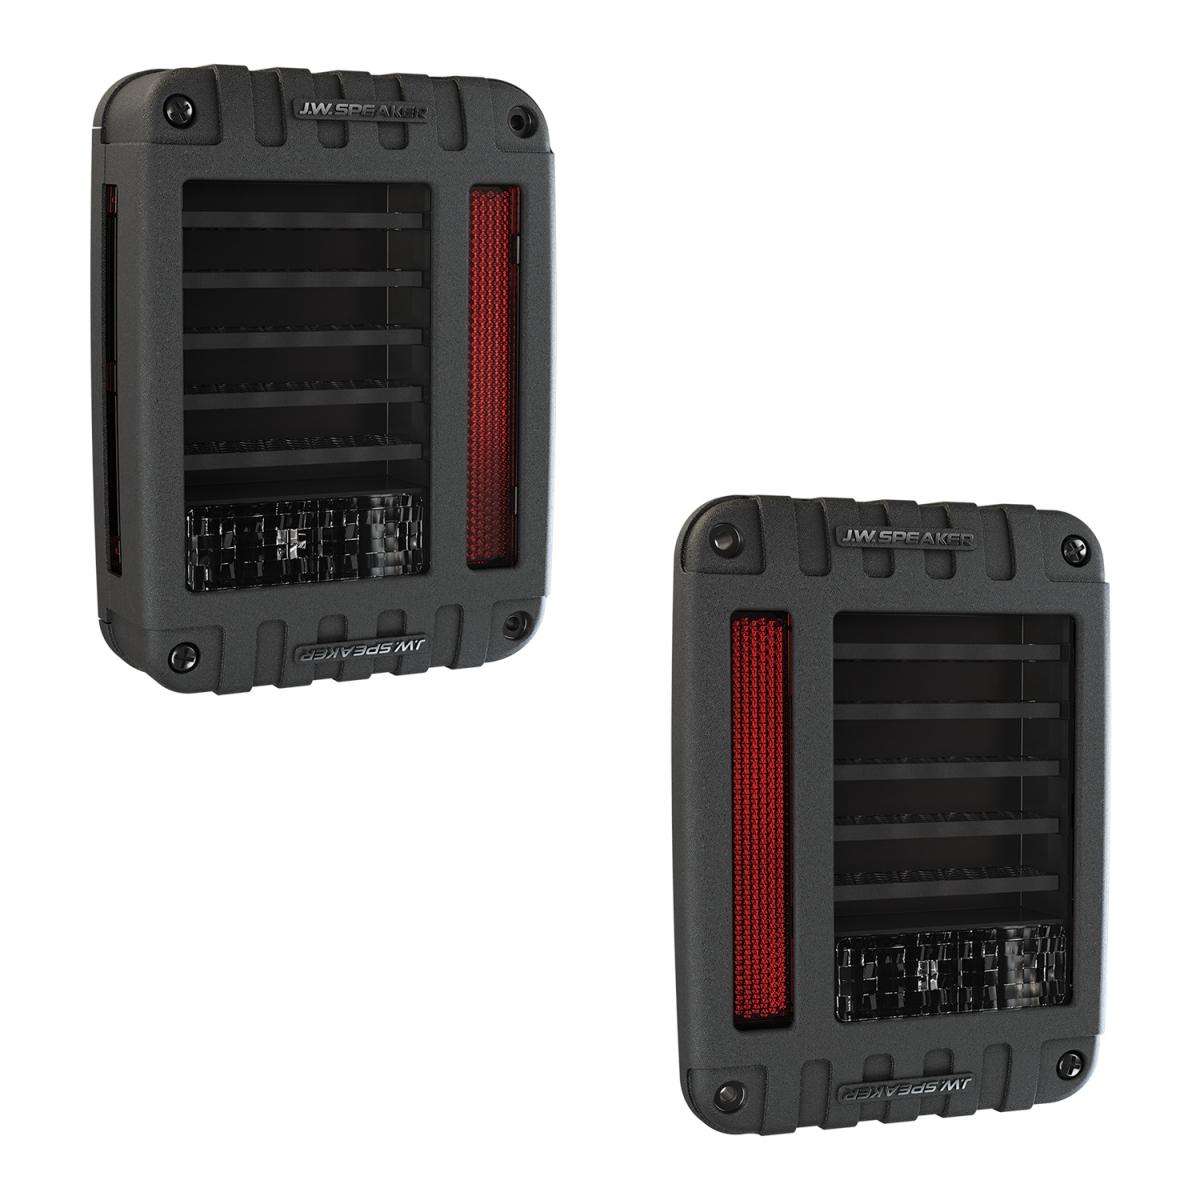 LED Tail Light Kit (For Jeep) – Model 279 J Series